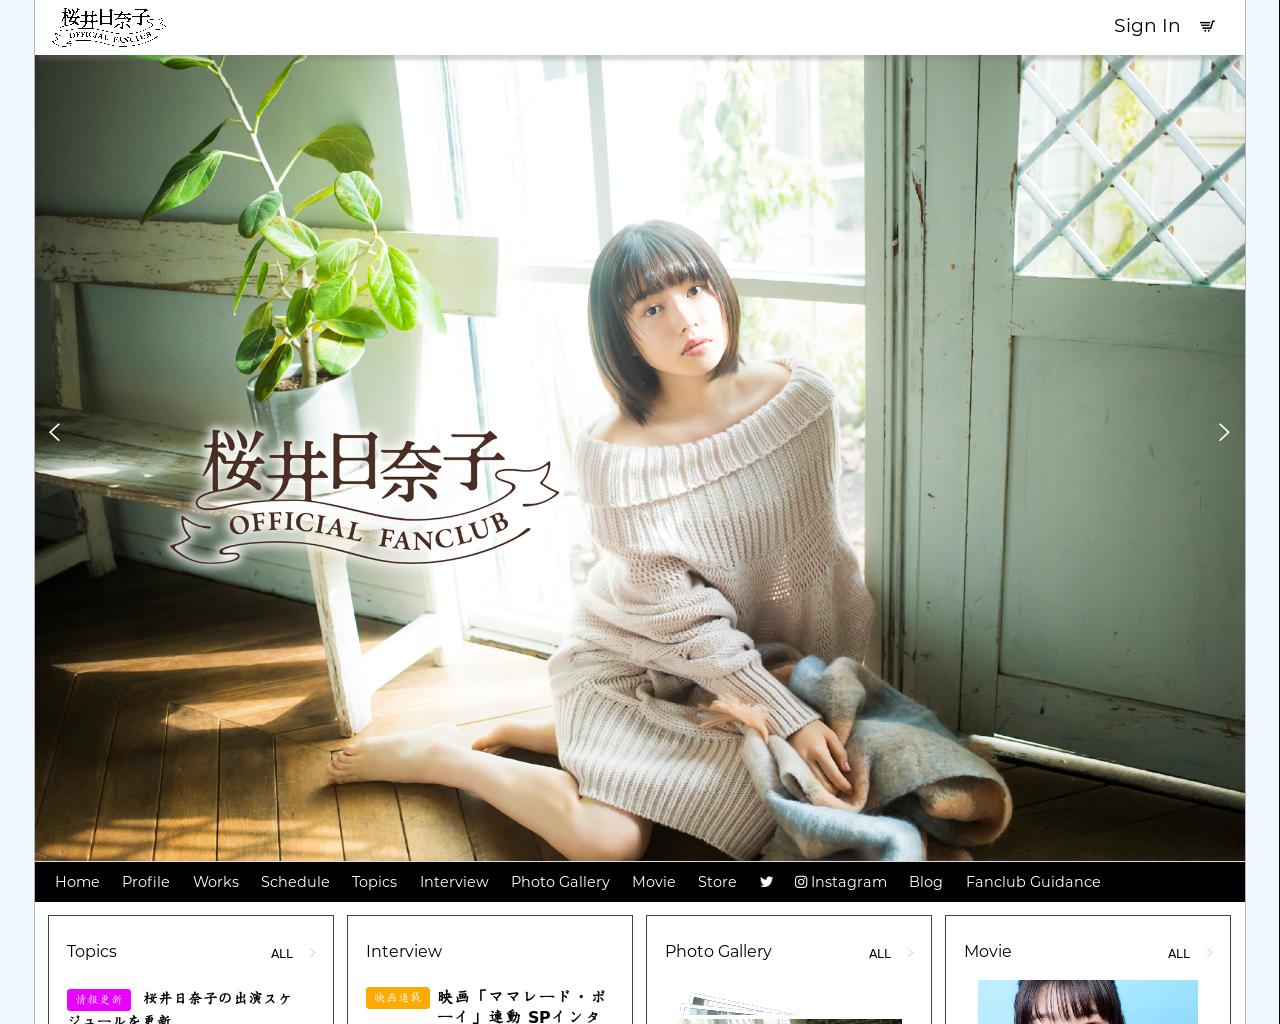 sakuraihinako.futureartist.net(2018/04/14 23:40:56)